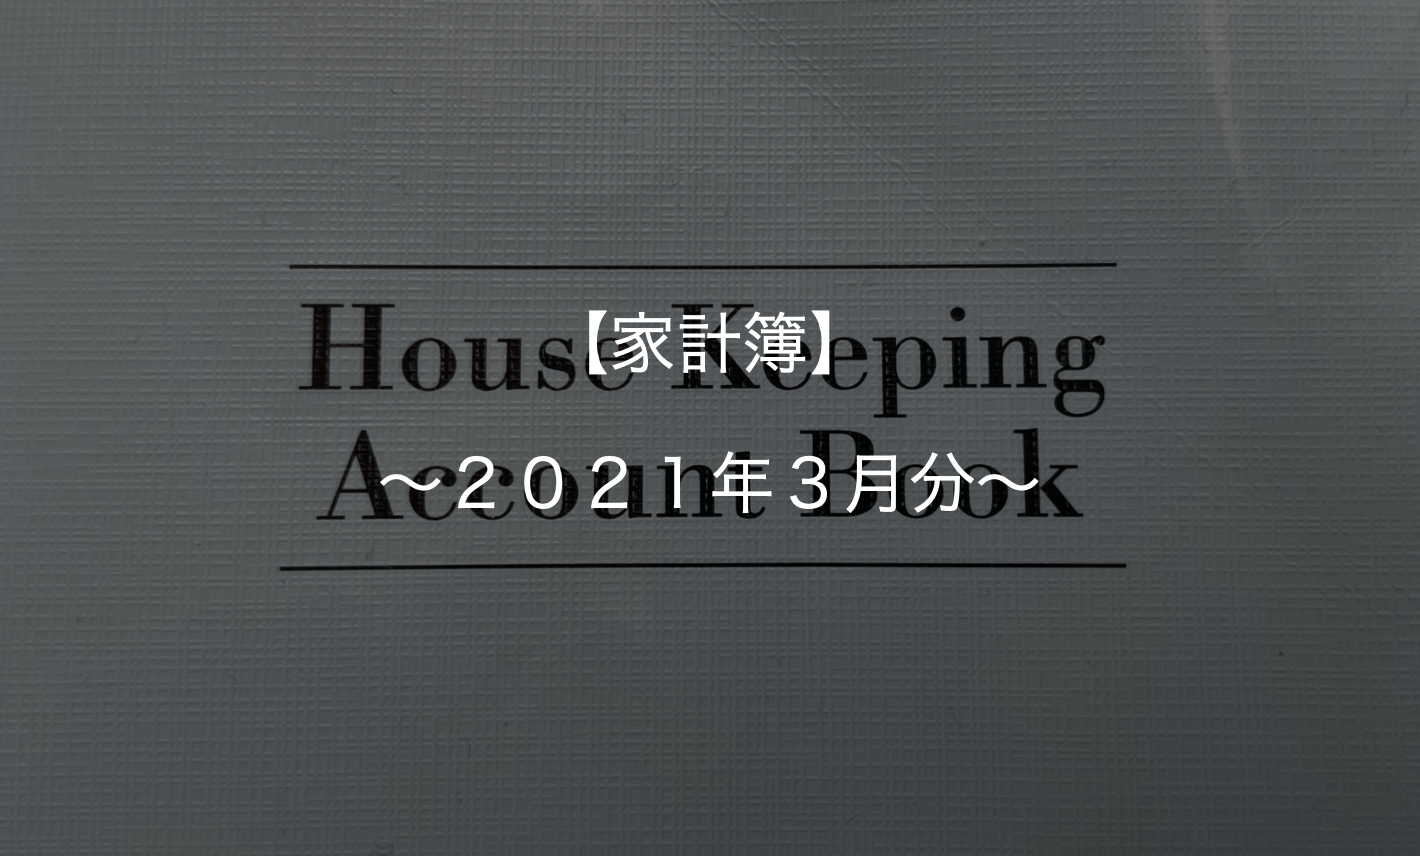 予算オーバー!調子こいて5万円に設定したら全然足りませんでした【カップル家計簿 2021年3月分】